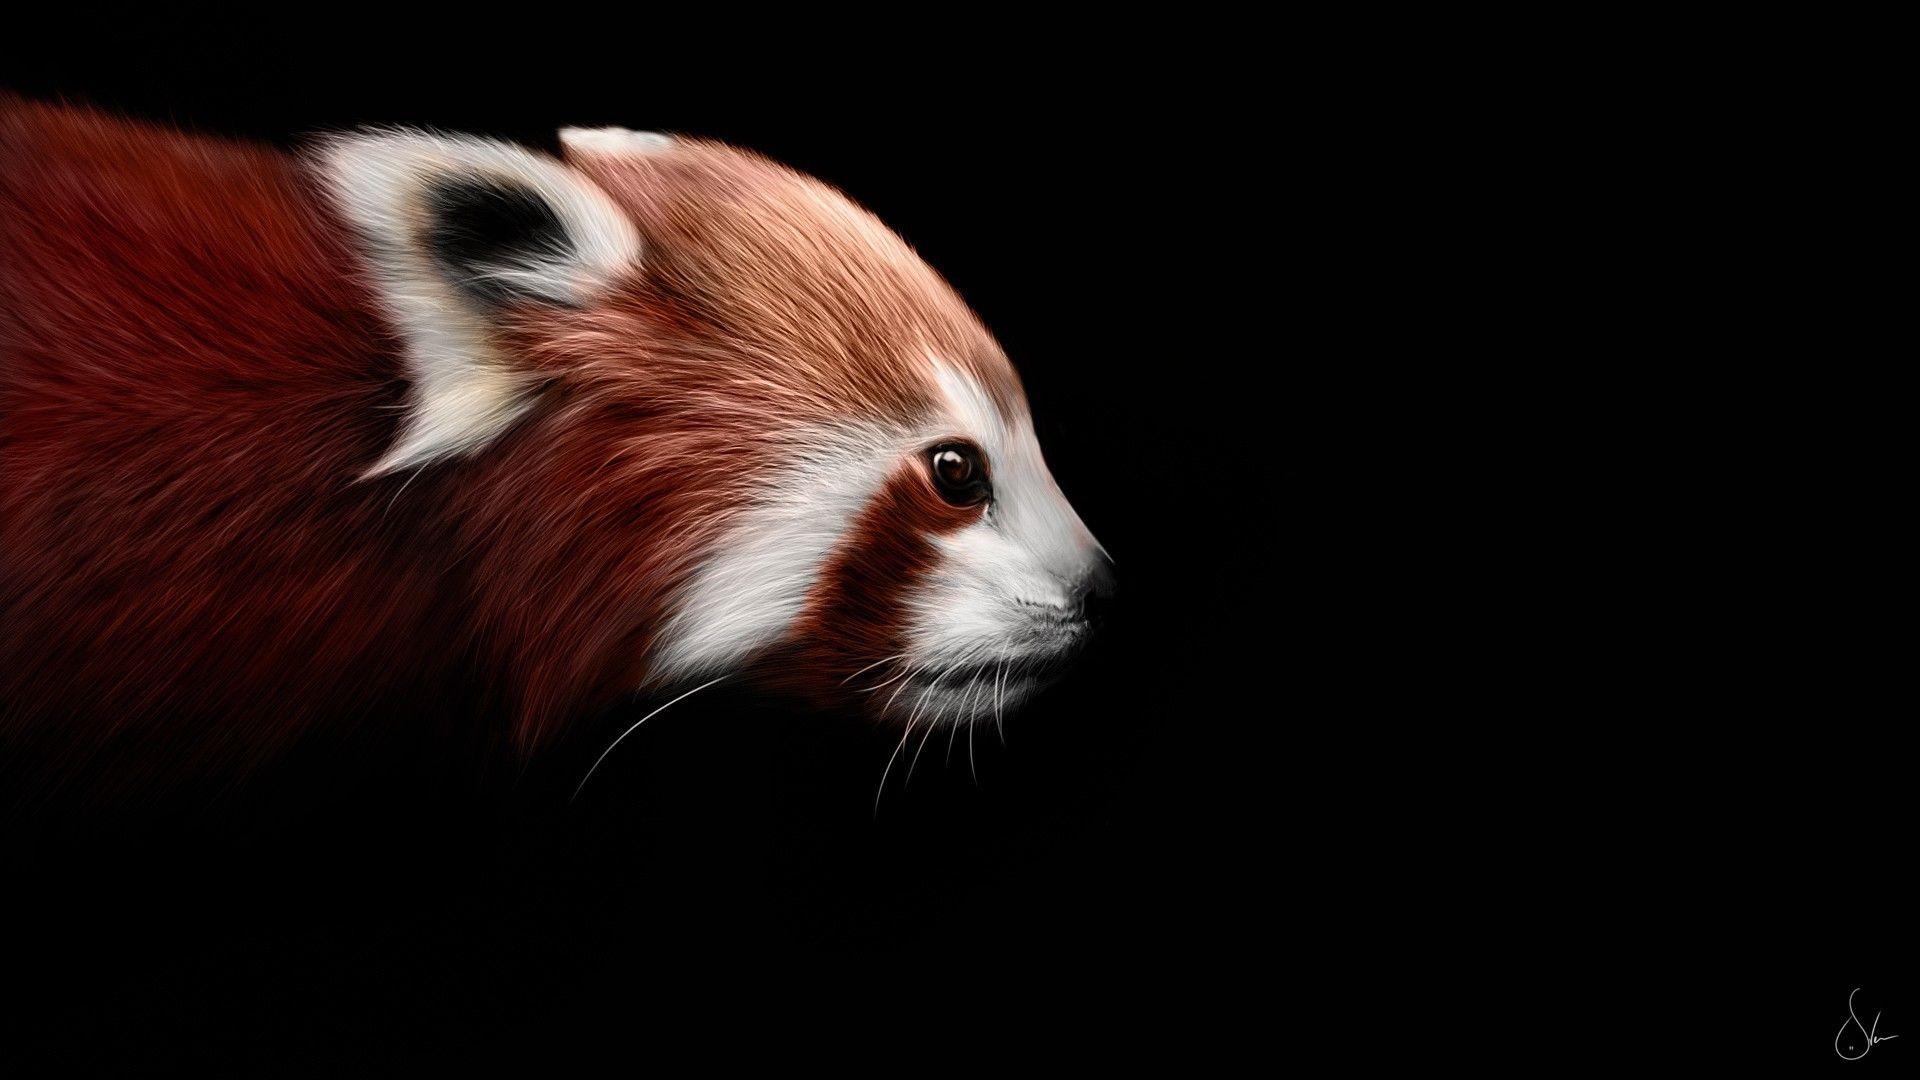 Red Panda On A Black Background Red Panda Panda Wallpapers Red Panda Images